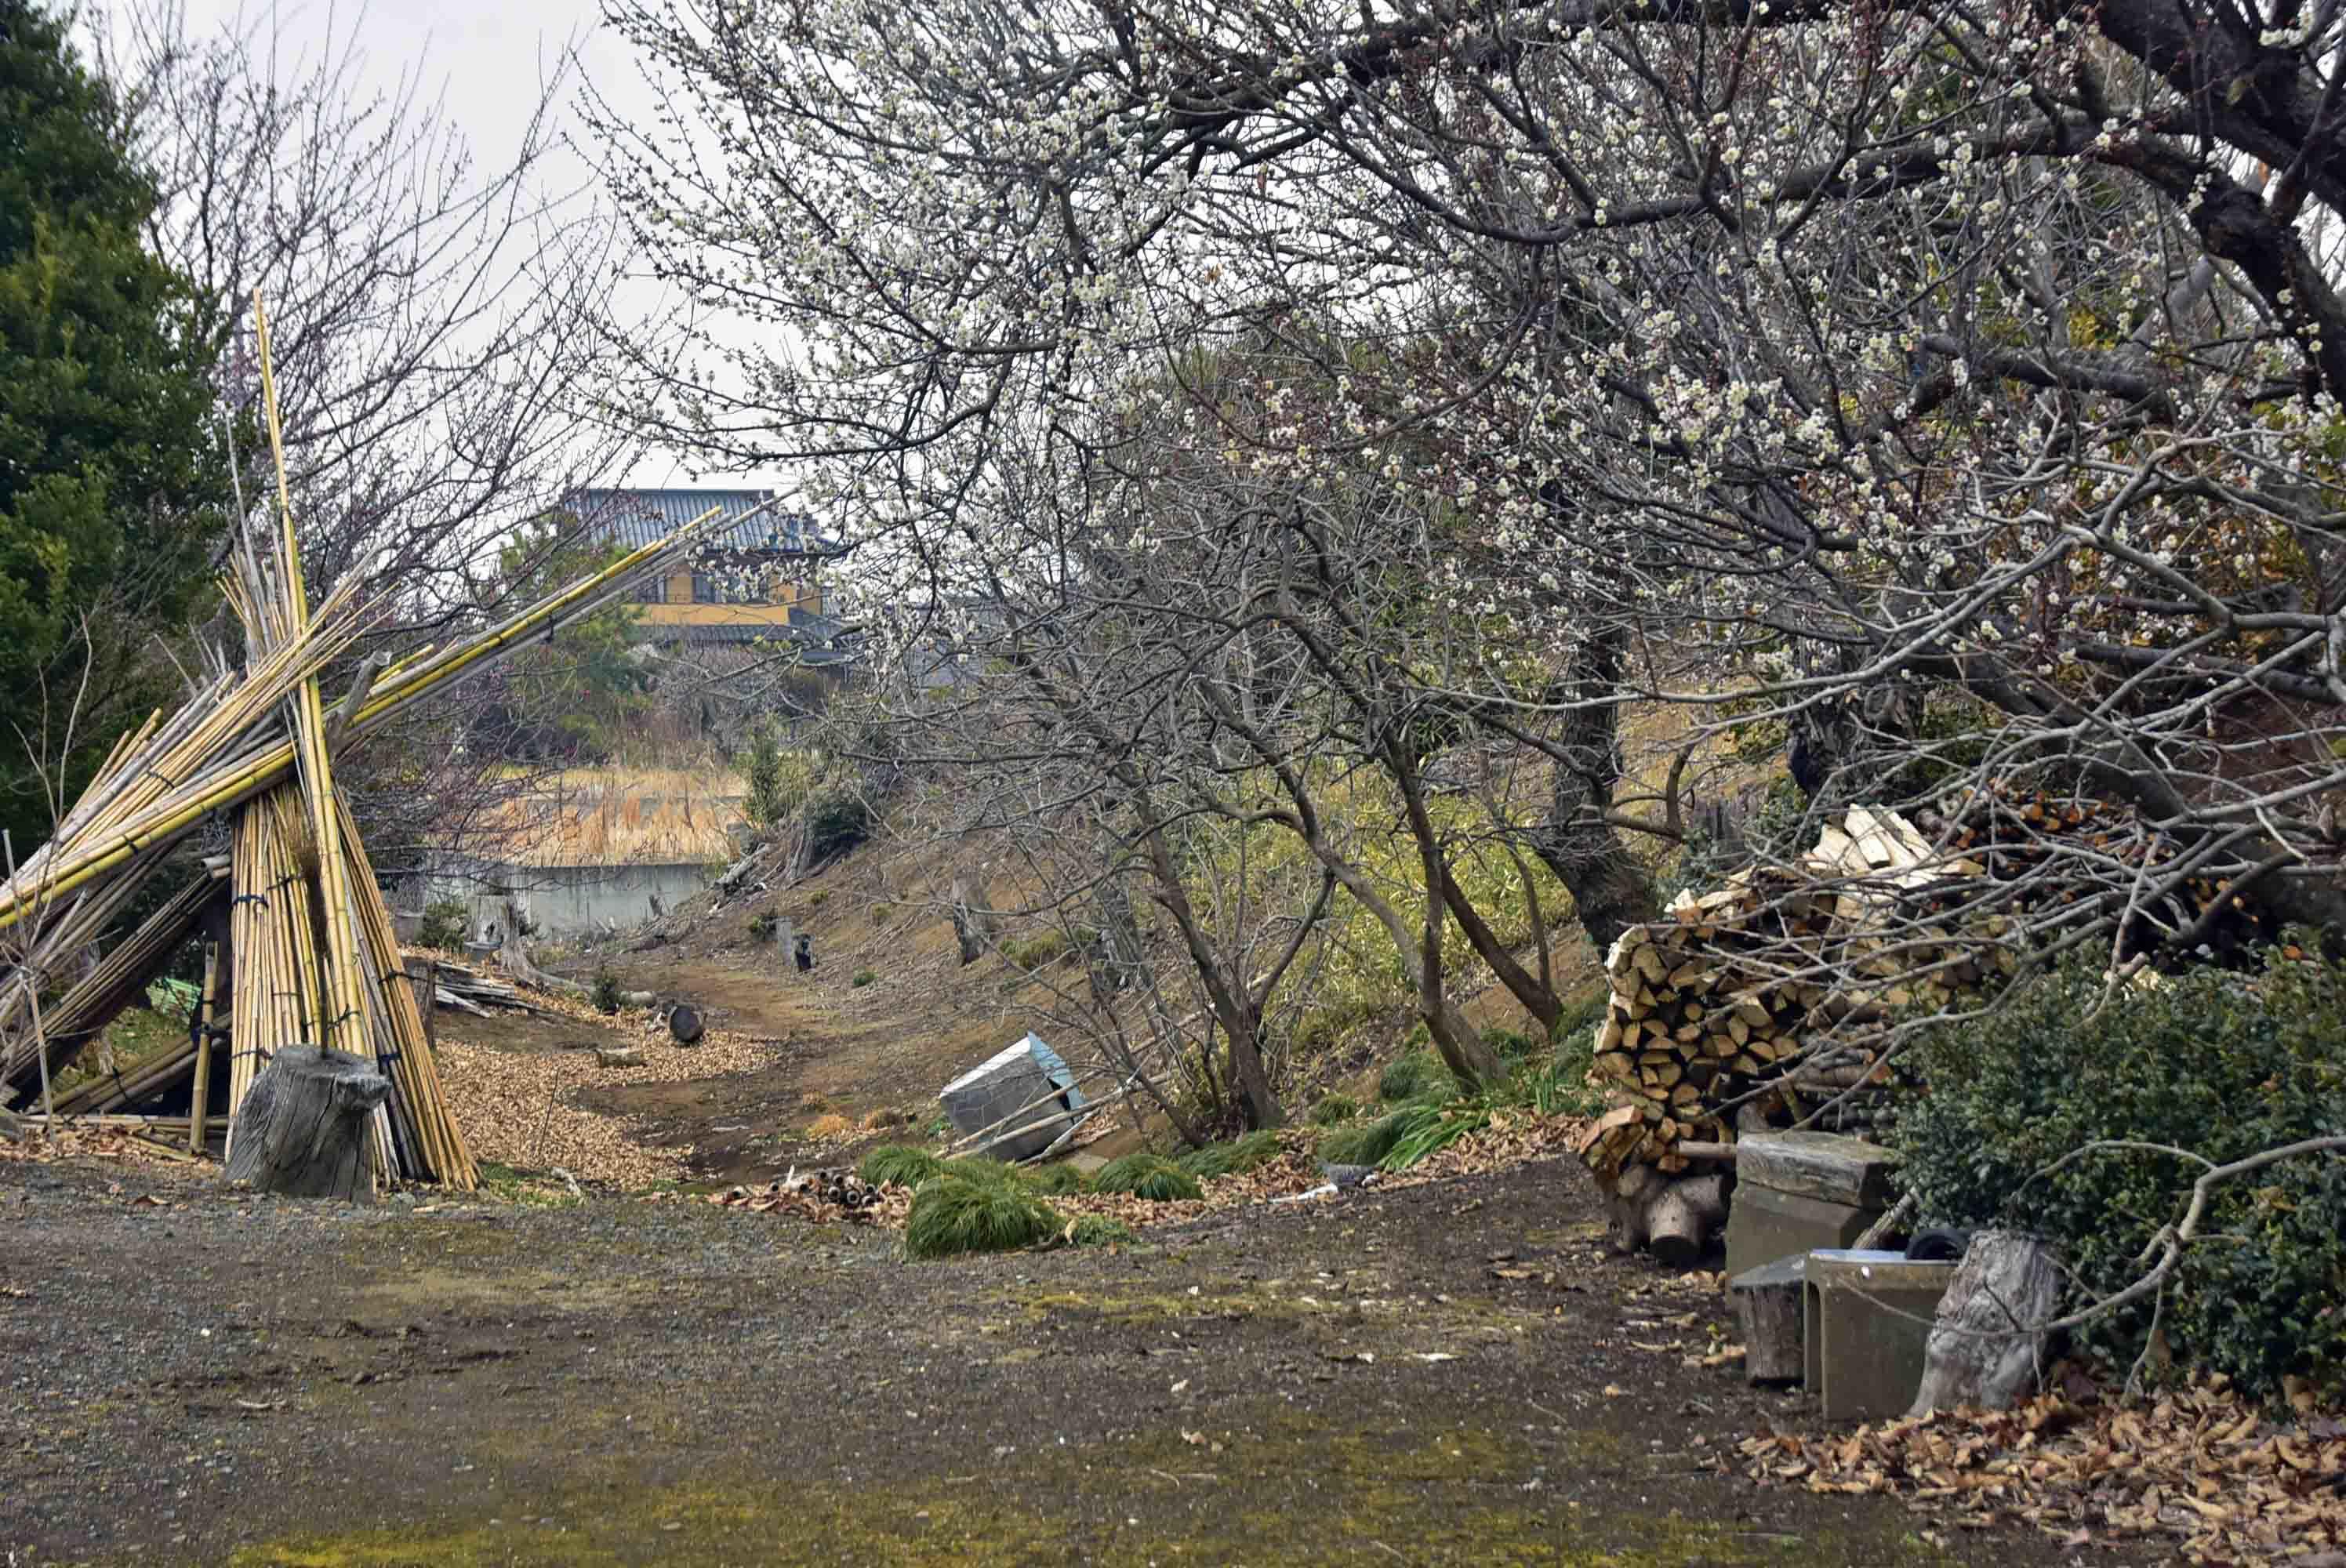 額田城 郭4北西の土塁、堀